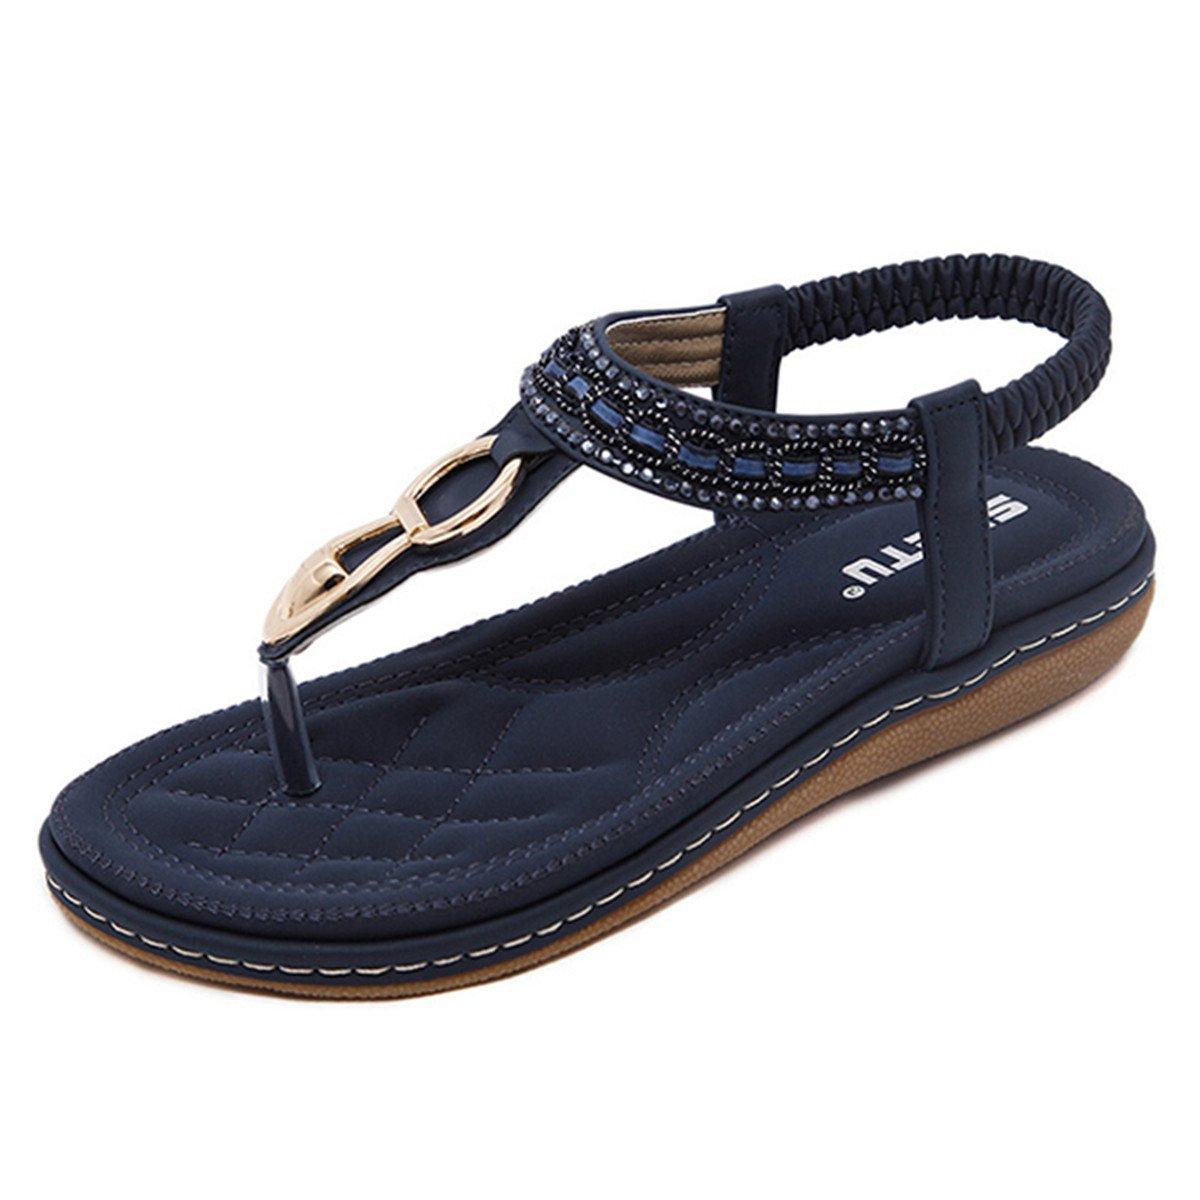 618f473bb70d gracosy Sandalias Planas Verano Mujer Estilo Bohemia Zapatos para Mujer de  Dedo Sandalias Talla Grande 36-44 Cinta Elástica Casuales de Playa ...